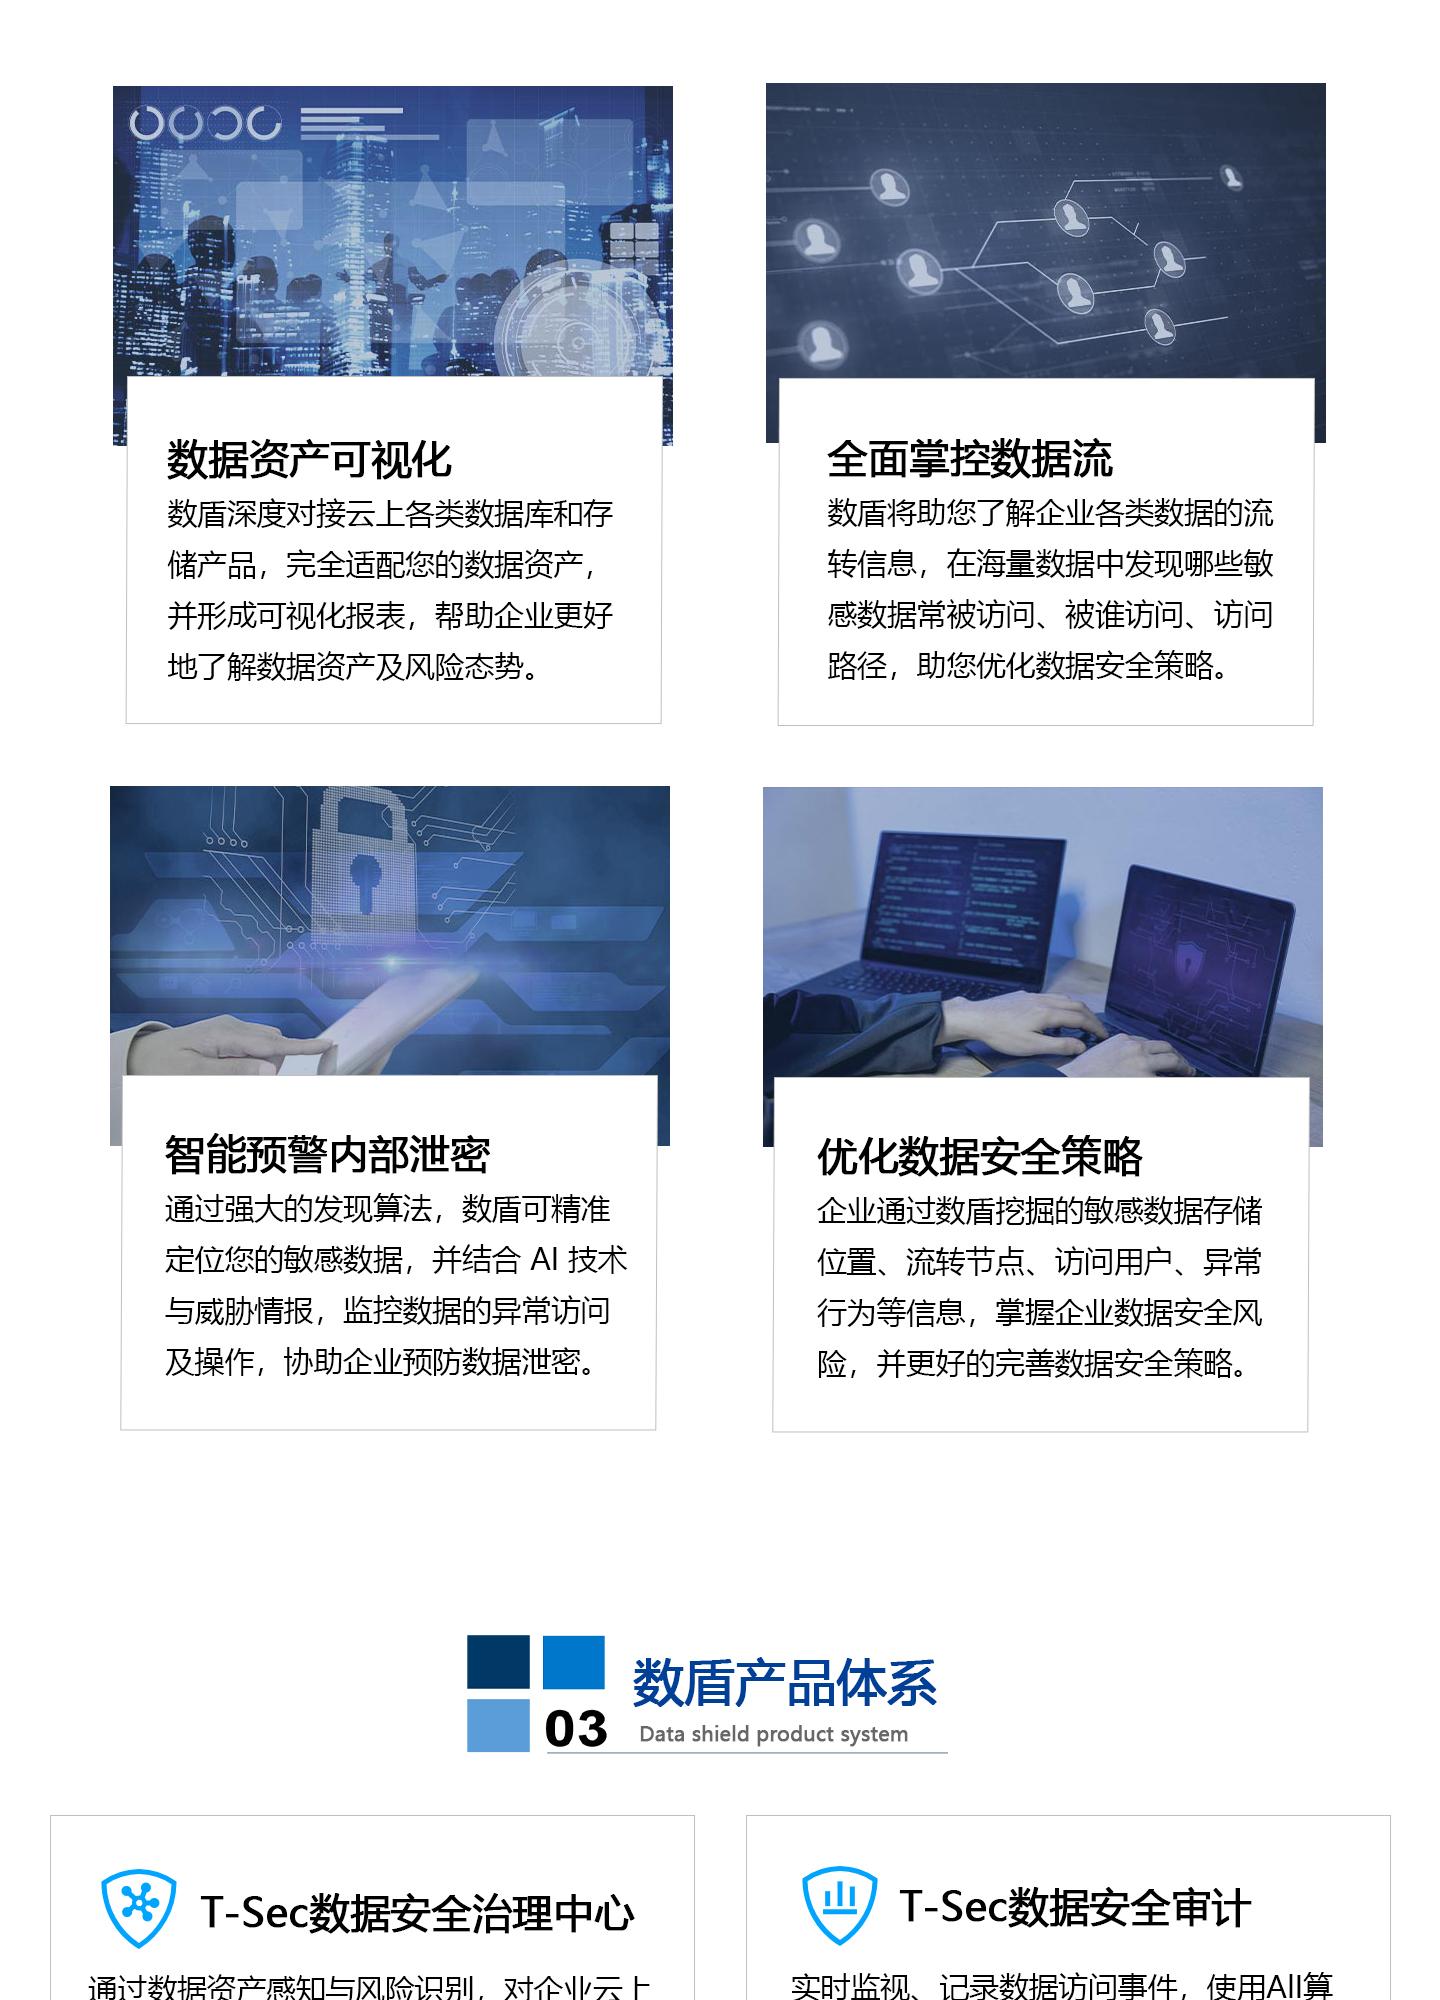 数据安全解决方案1440_02.jpg